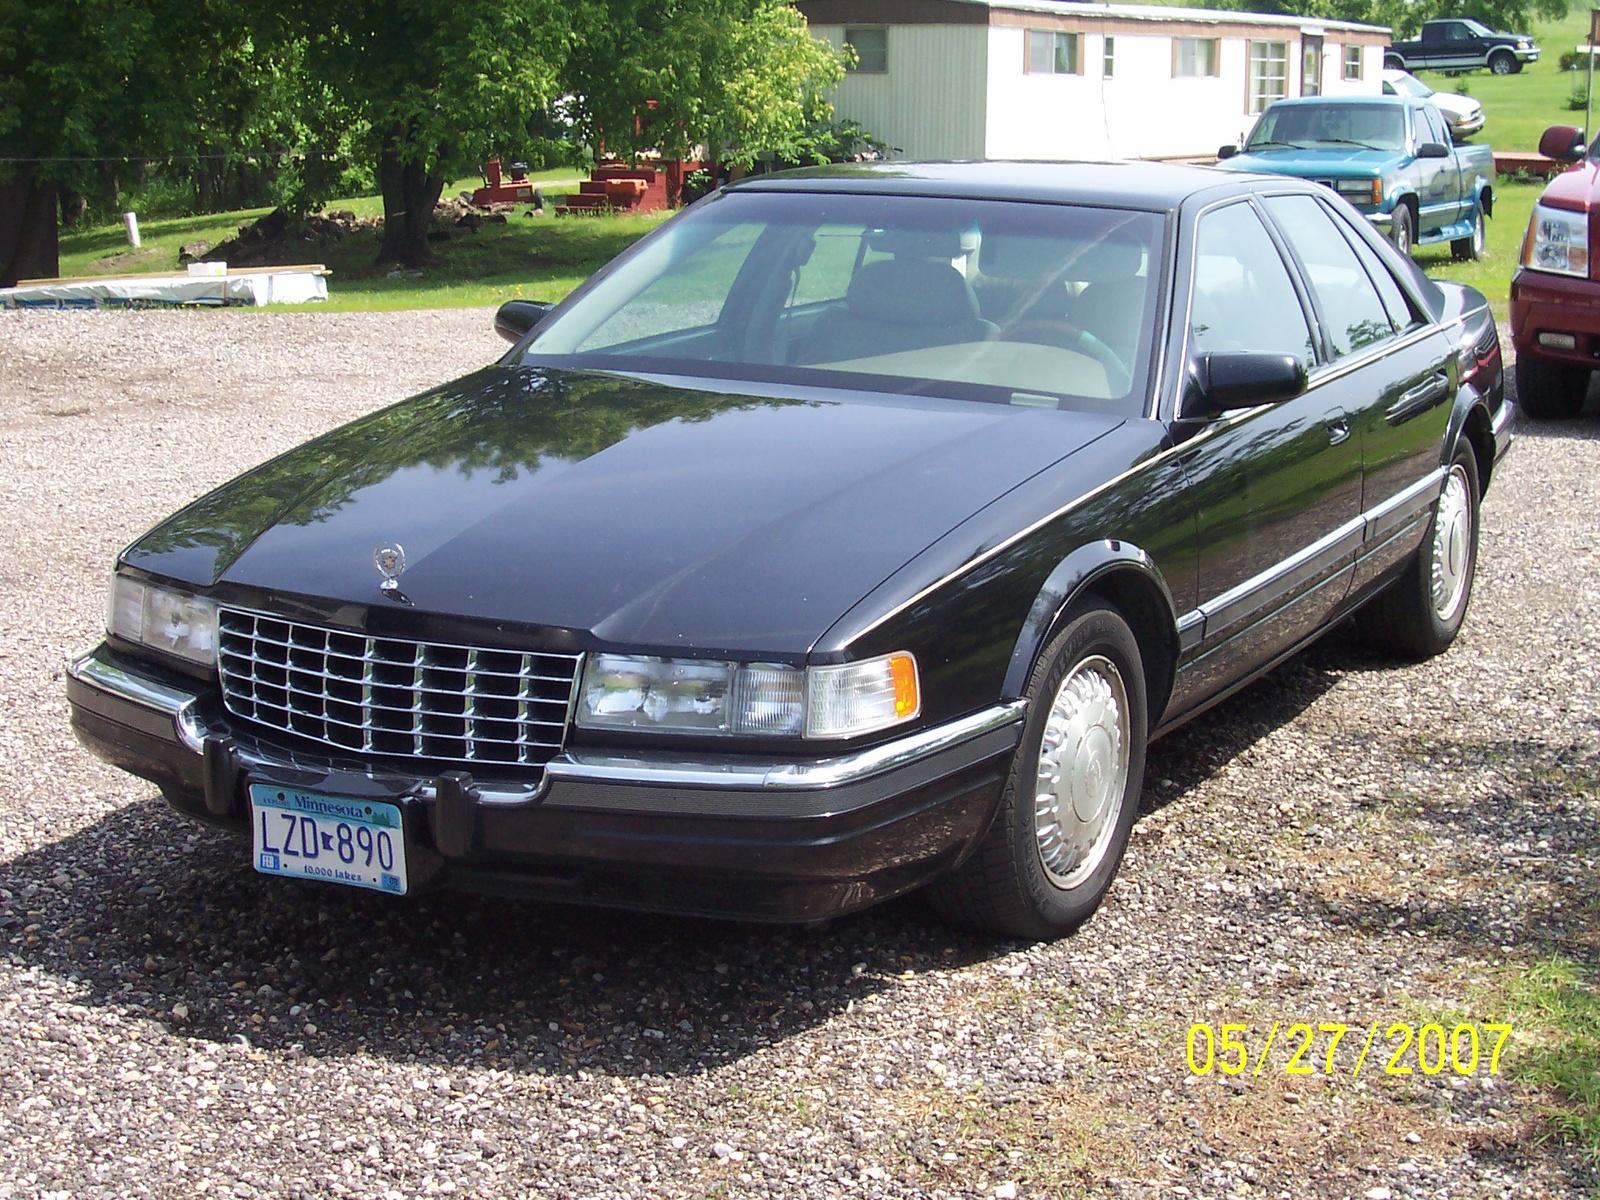 1992 Cadillac Seville Pictures Cargurus